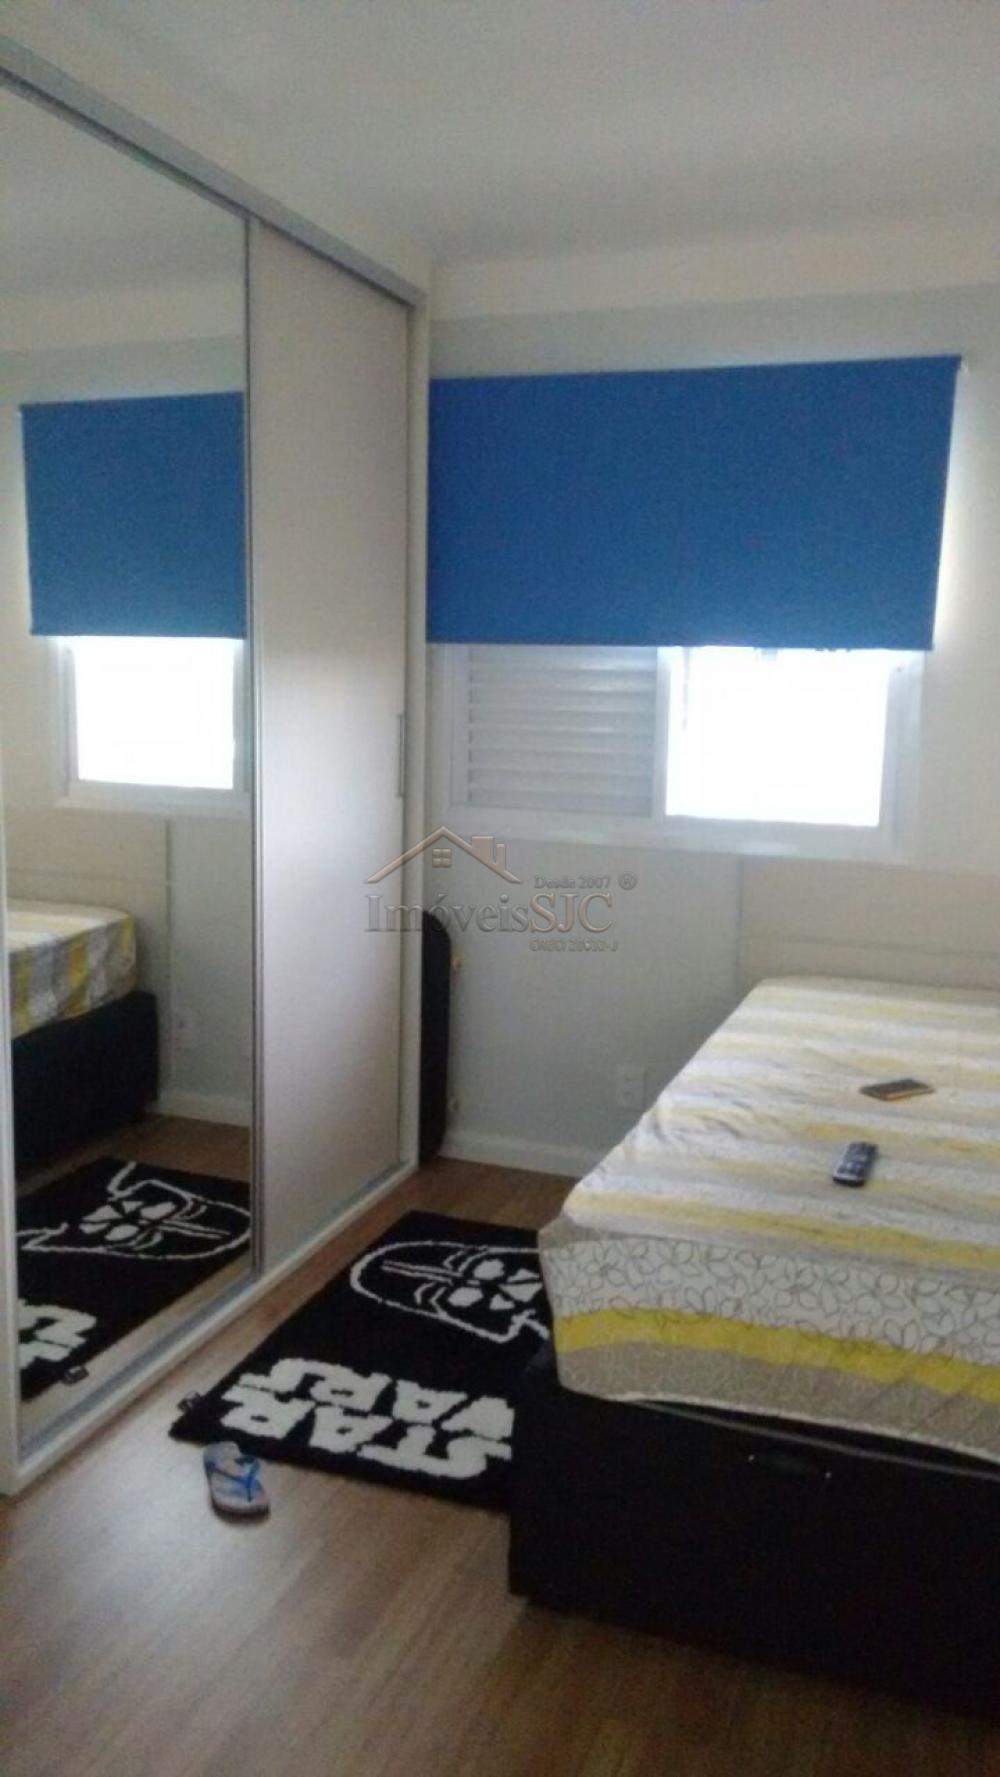 Comprar Apartamentos / Padrão em São José dos Campos apenas R$ 600.000,00 - Foto 18